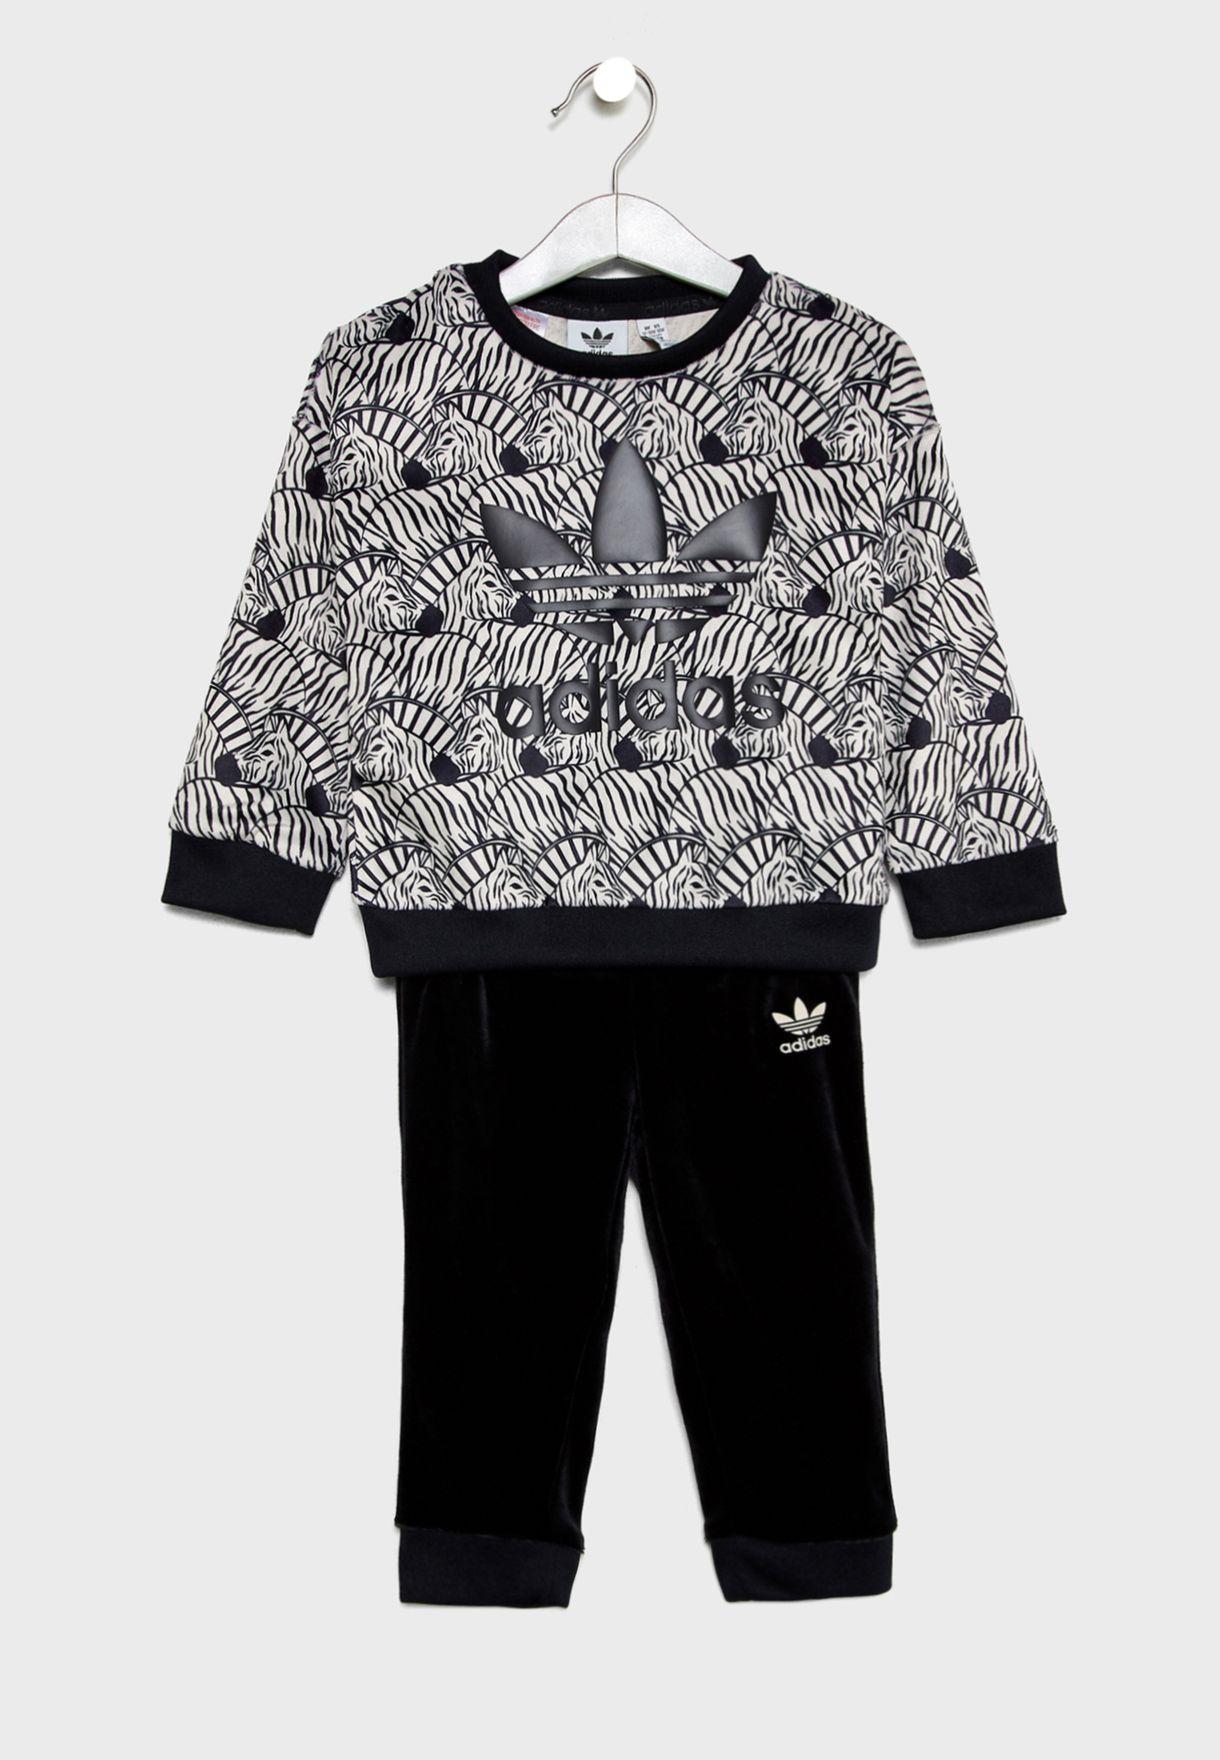 new concept d1467 74488 Infant Zebra Superstar Set